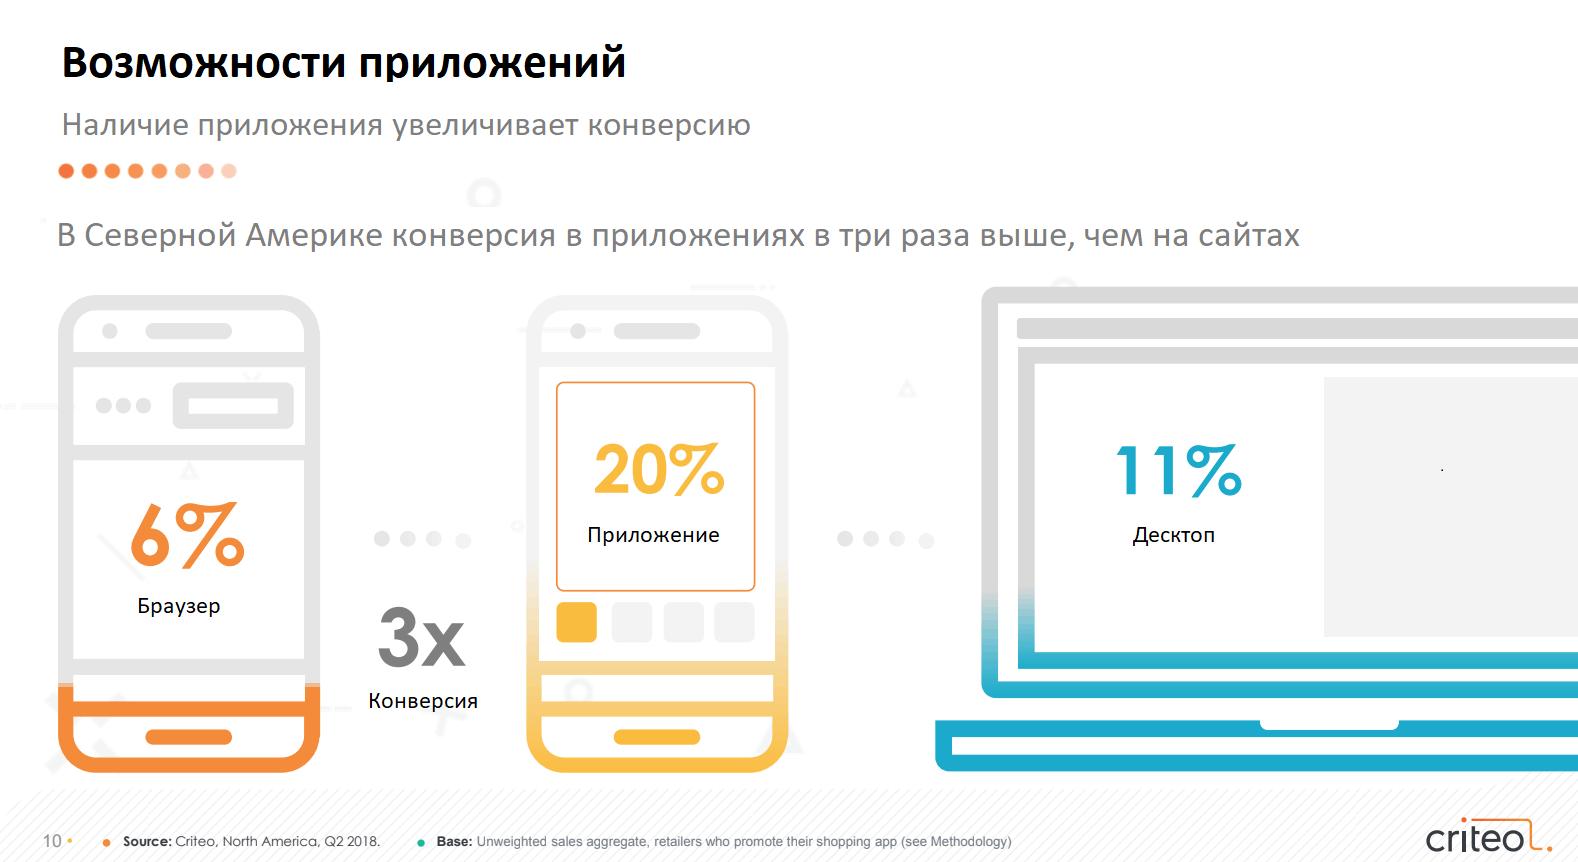 Более 50% онлайн-покупок приходится на мобильные устройства